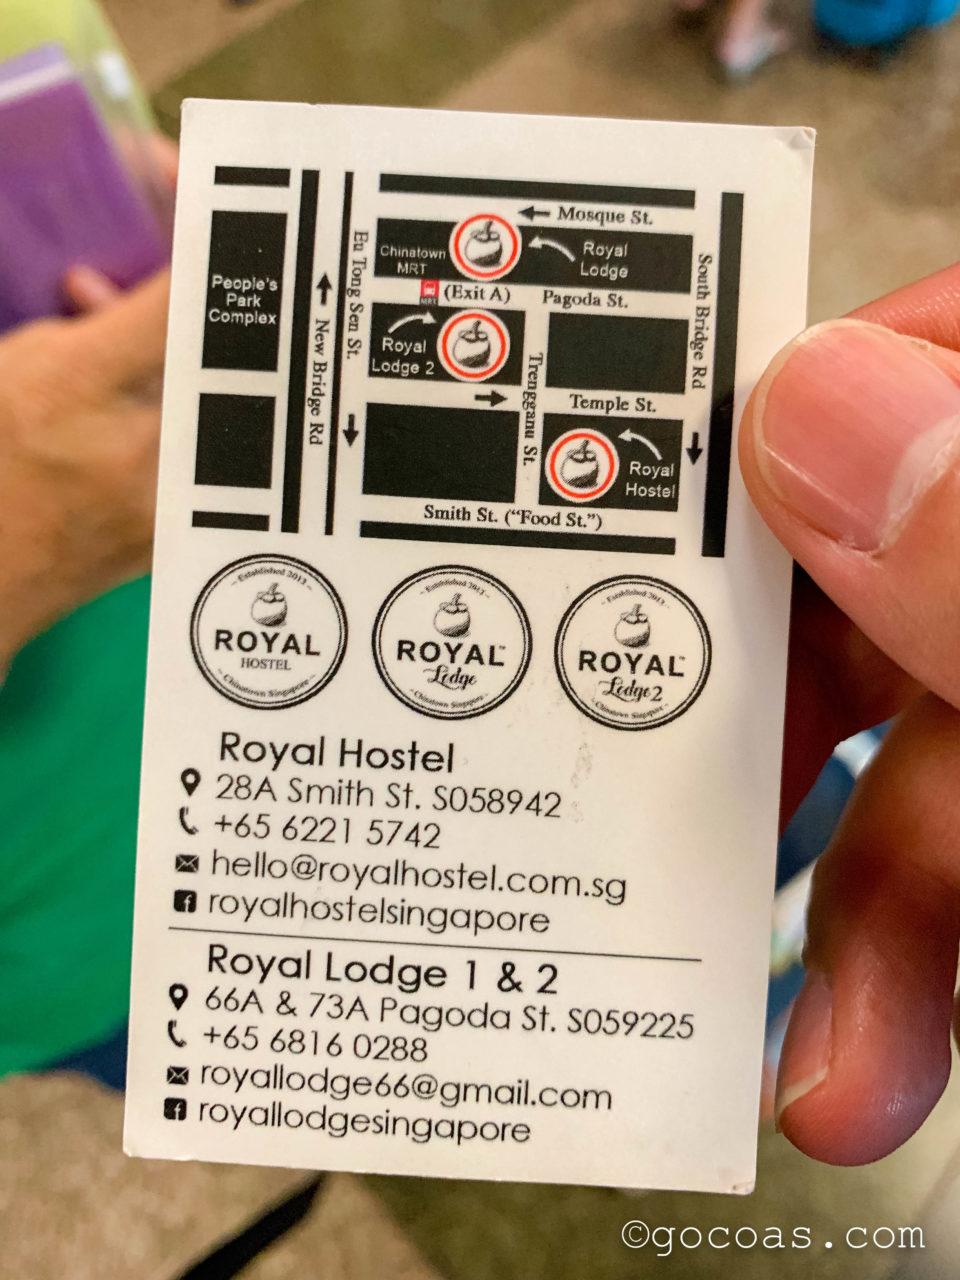 マレー鉄道のウッドランズ駅の入国審査で並んでいたときにもらったroyalhostelのビジネスカード